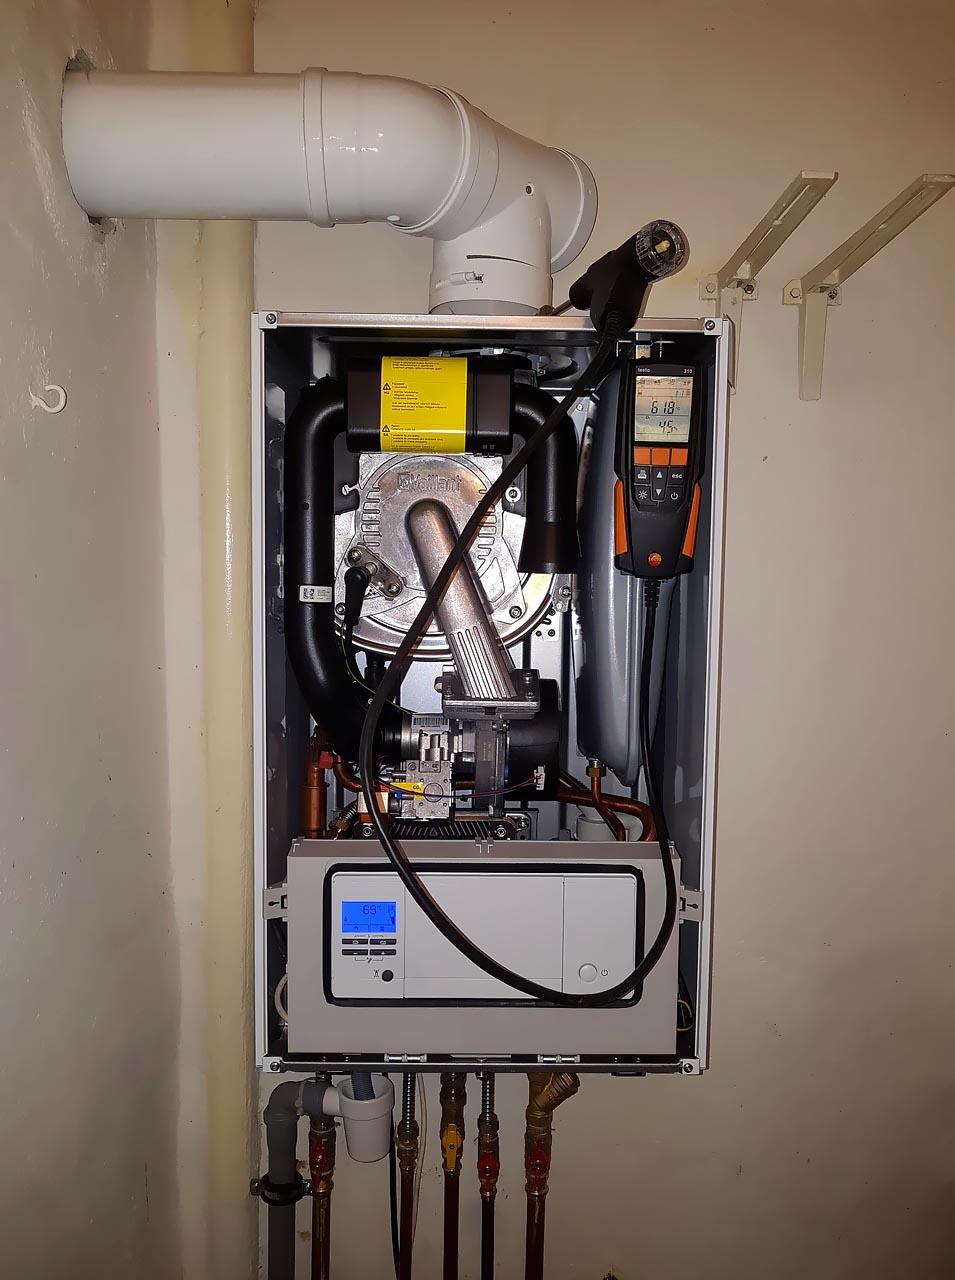 Výměna průtokového komínového kotle Vaillant za nový kondenzační kotel Vaillant VUW 236/5-3 ecoTEC pro – Praha 8